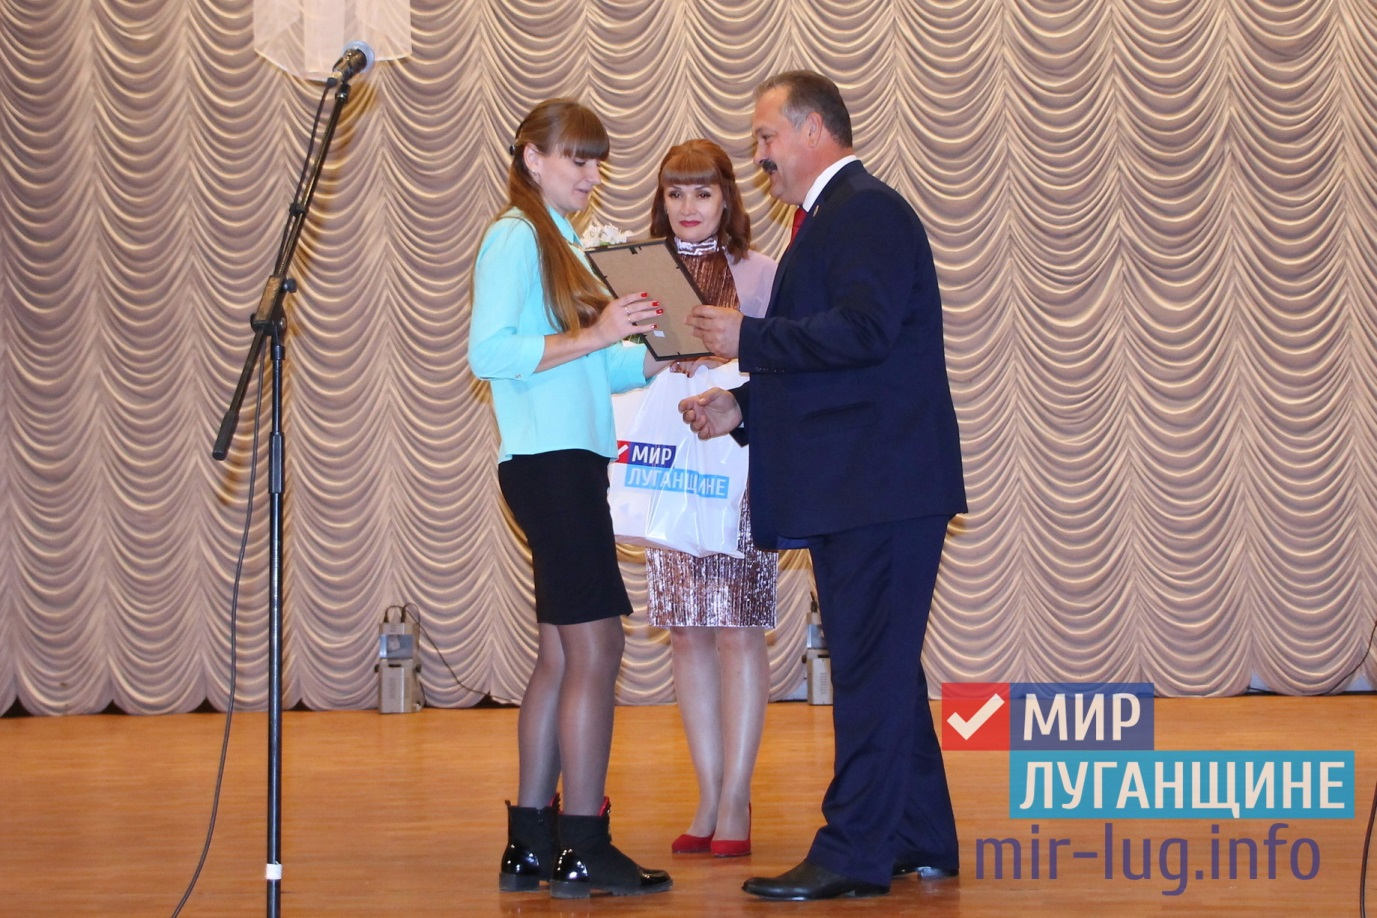 В Общественном движении «Мир Луганщине» поздравили педагогов с профессиональным праздником 1